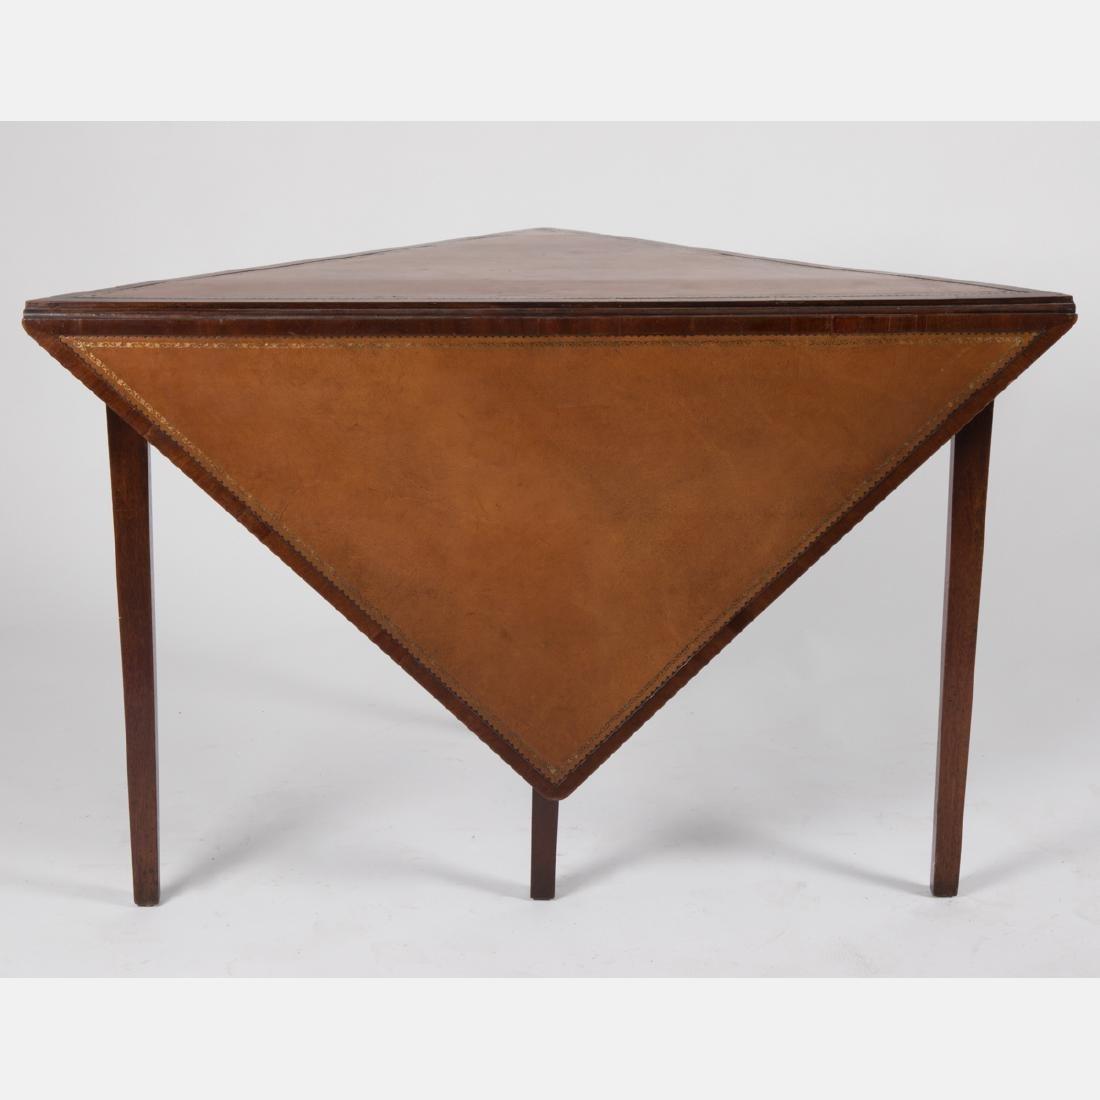 An English Mahogany Handkerchief Table, 19th/20th